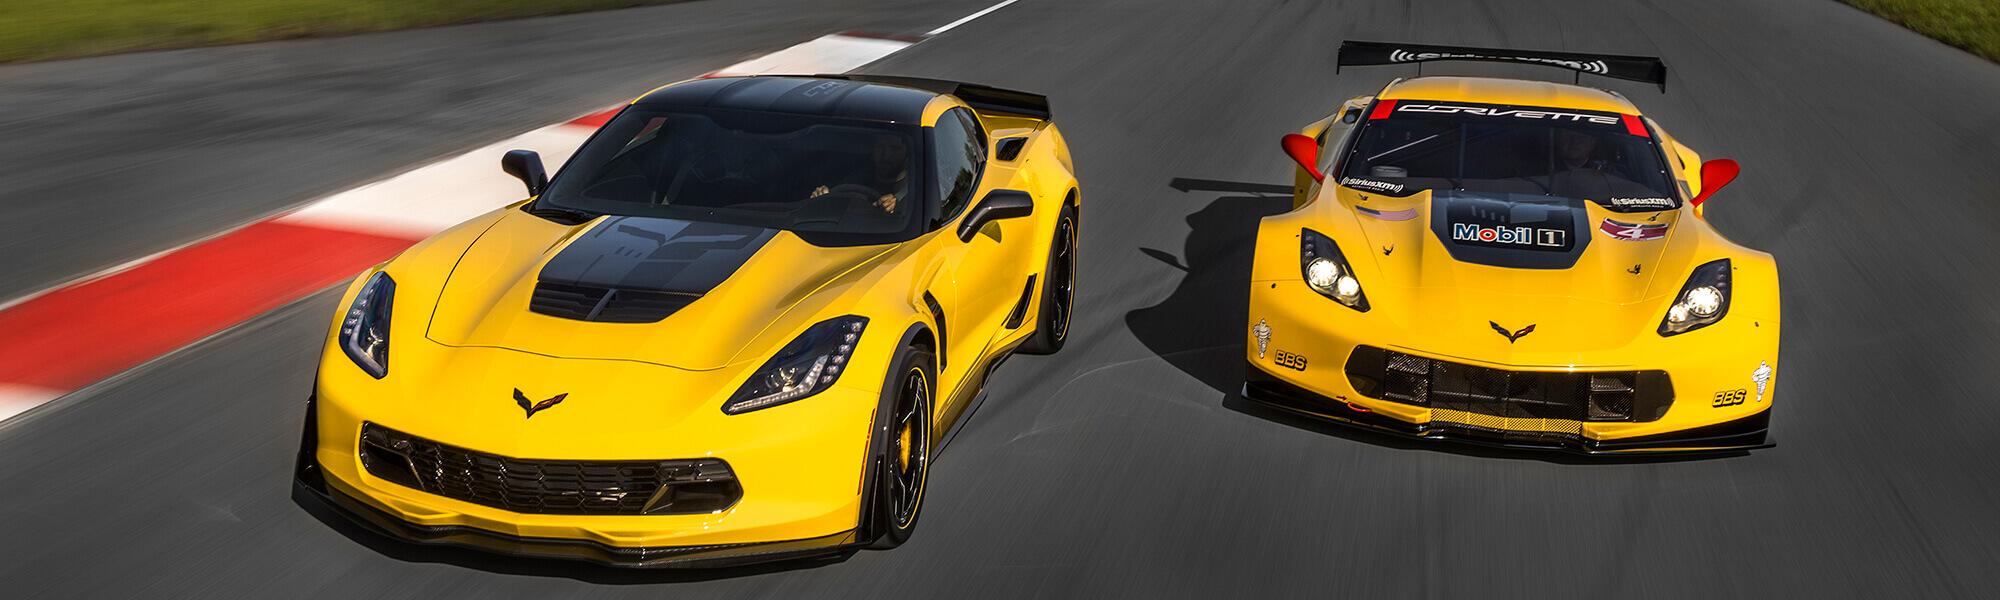 ulmen-corvette-z06-c7r-edition-slider-3